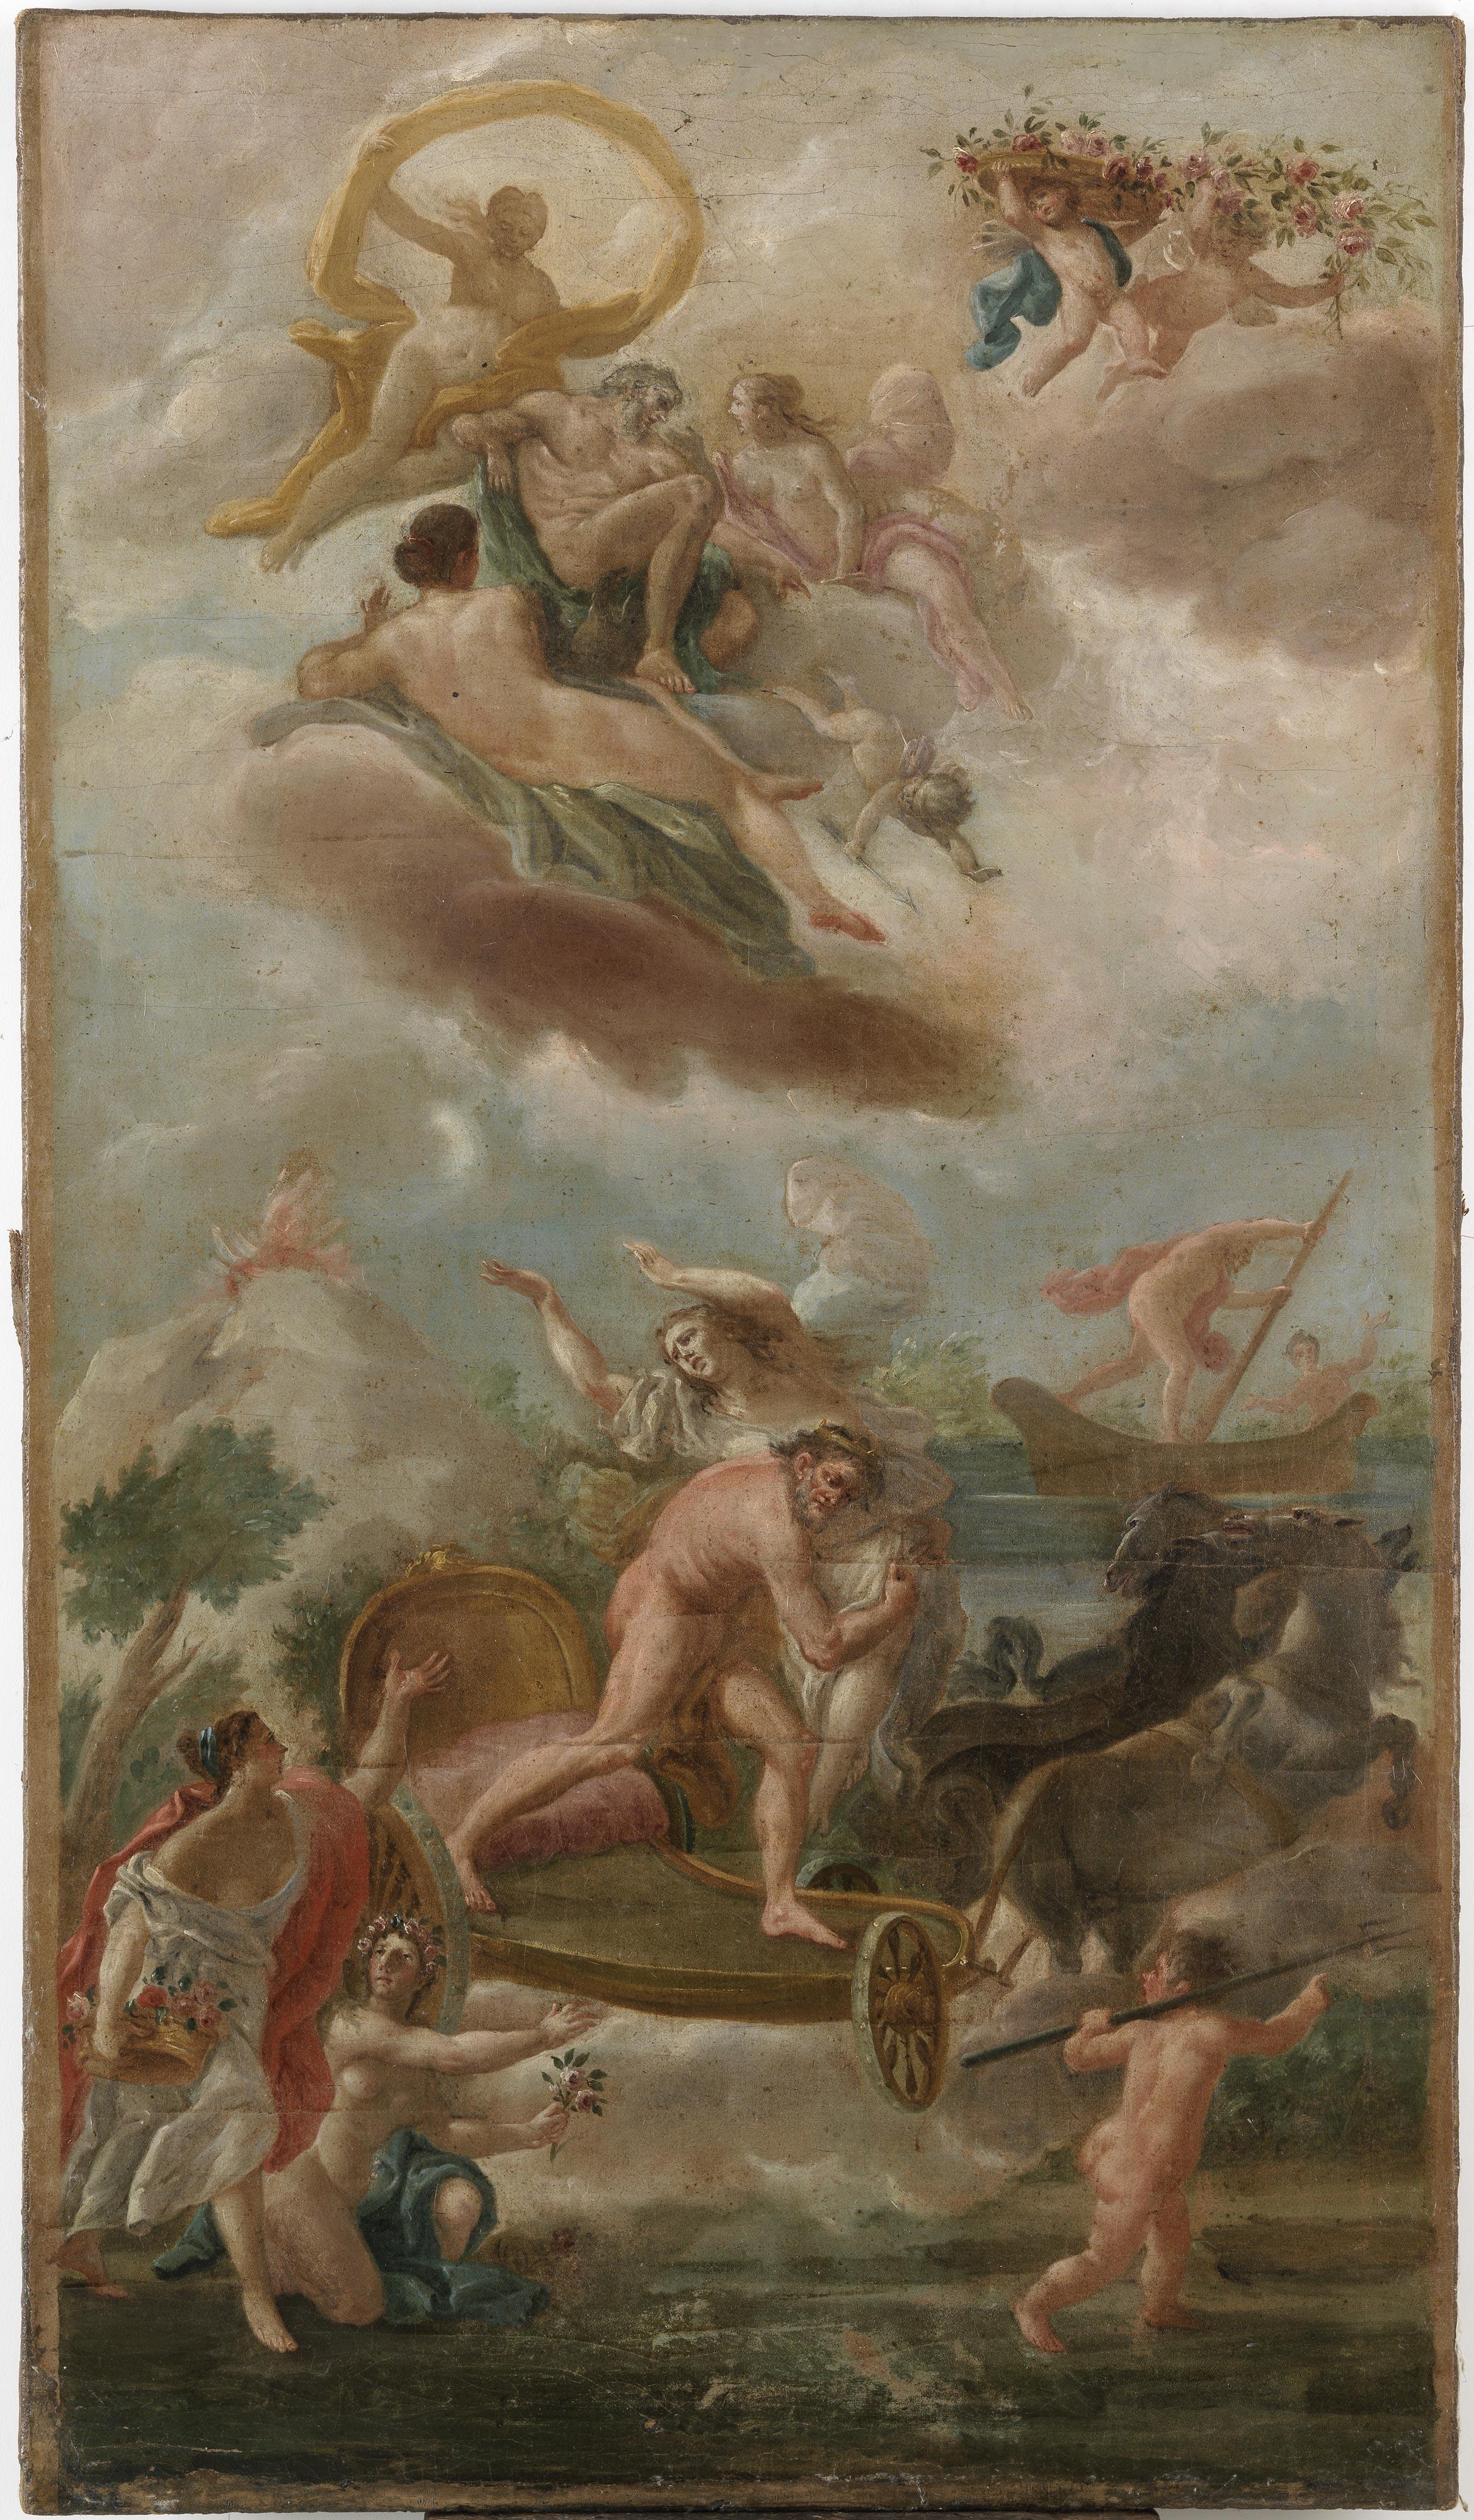 Escuela de Goya-Rapto de Proserpina